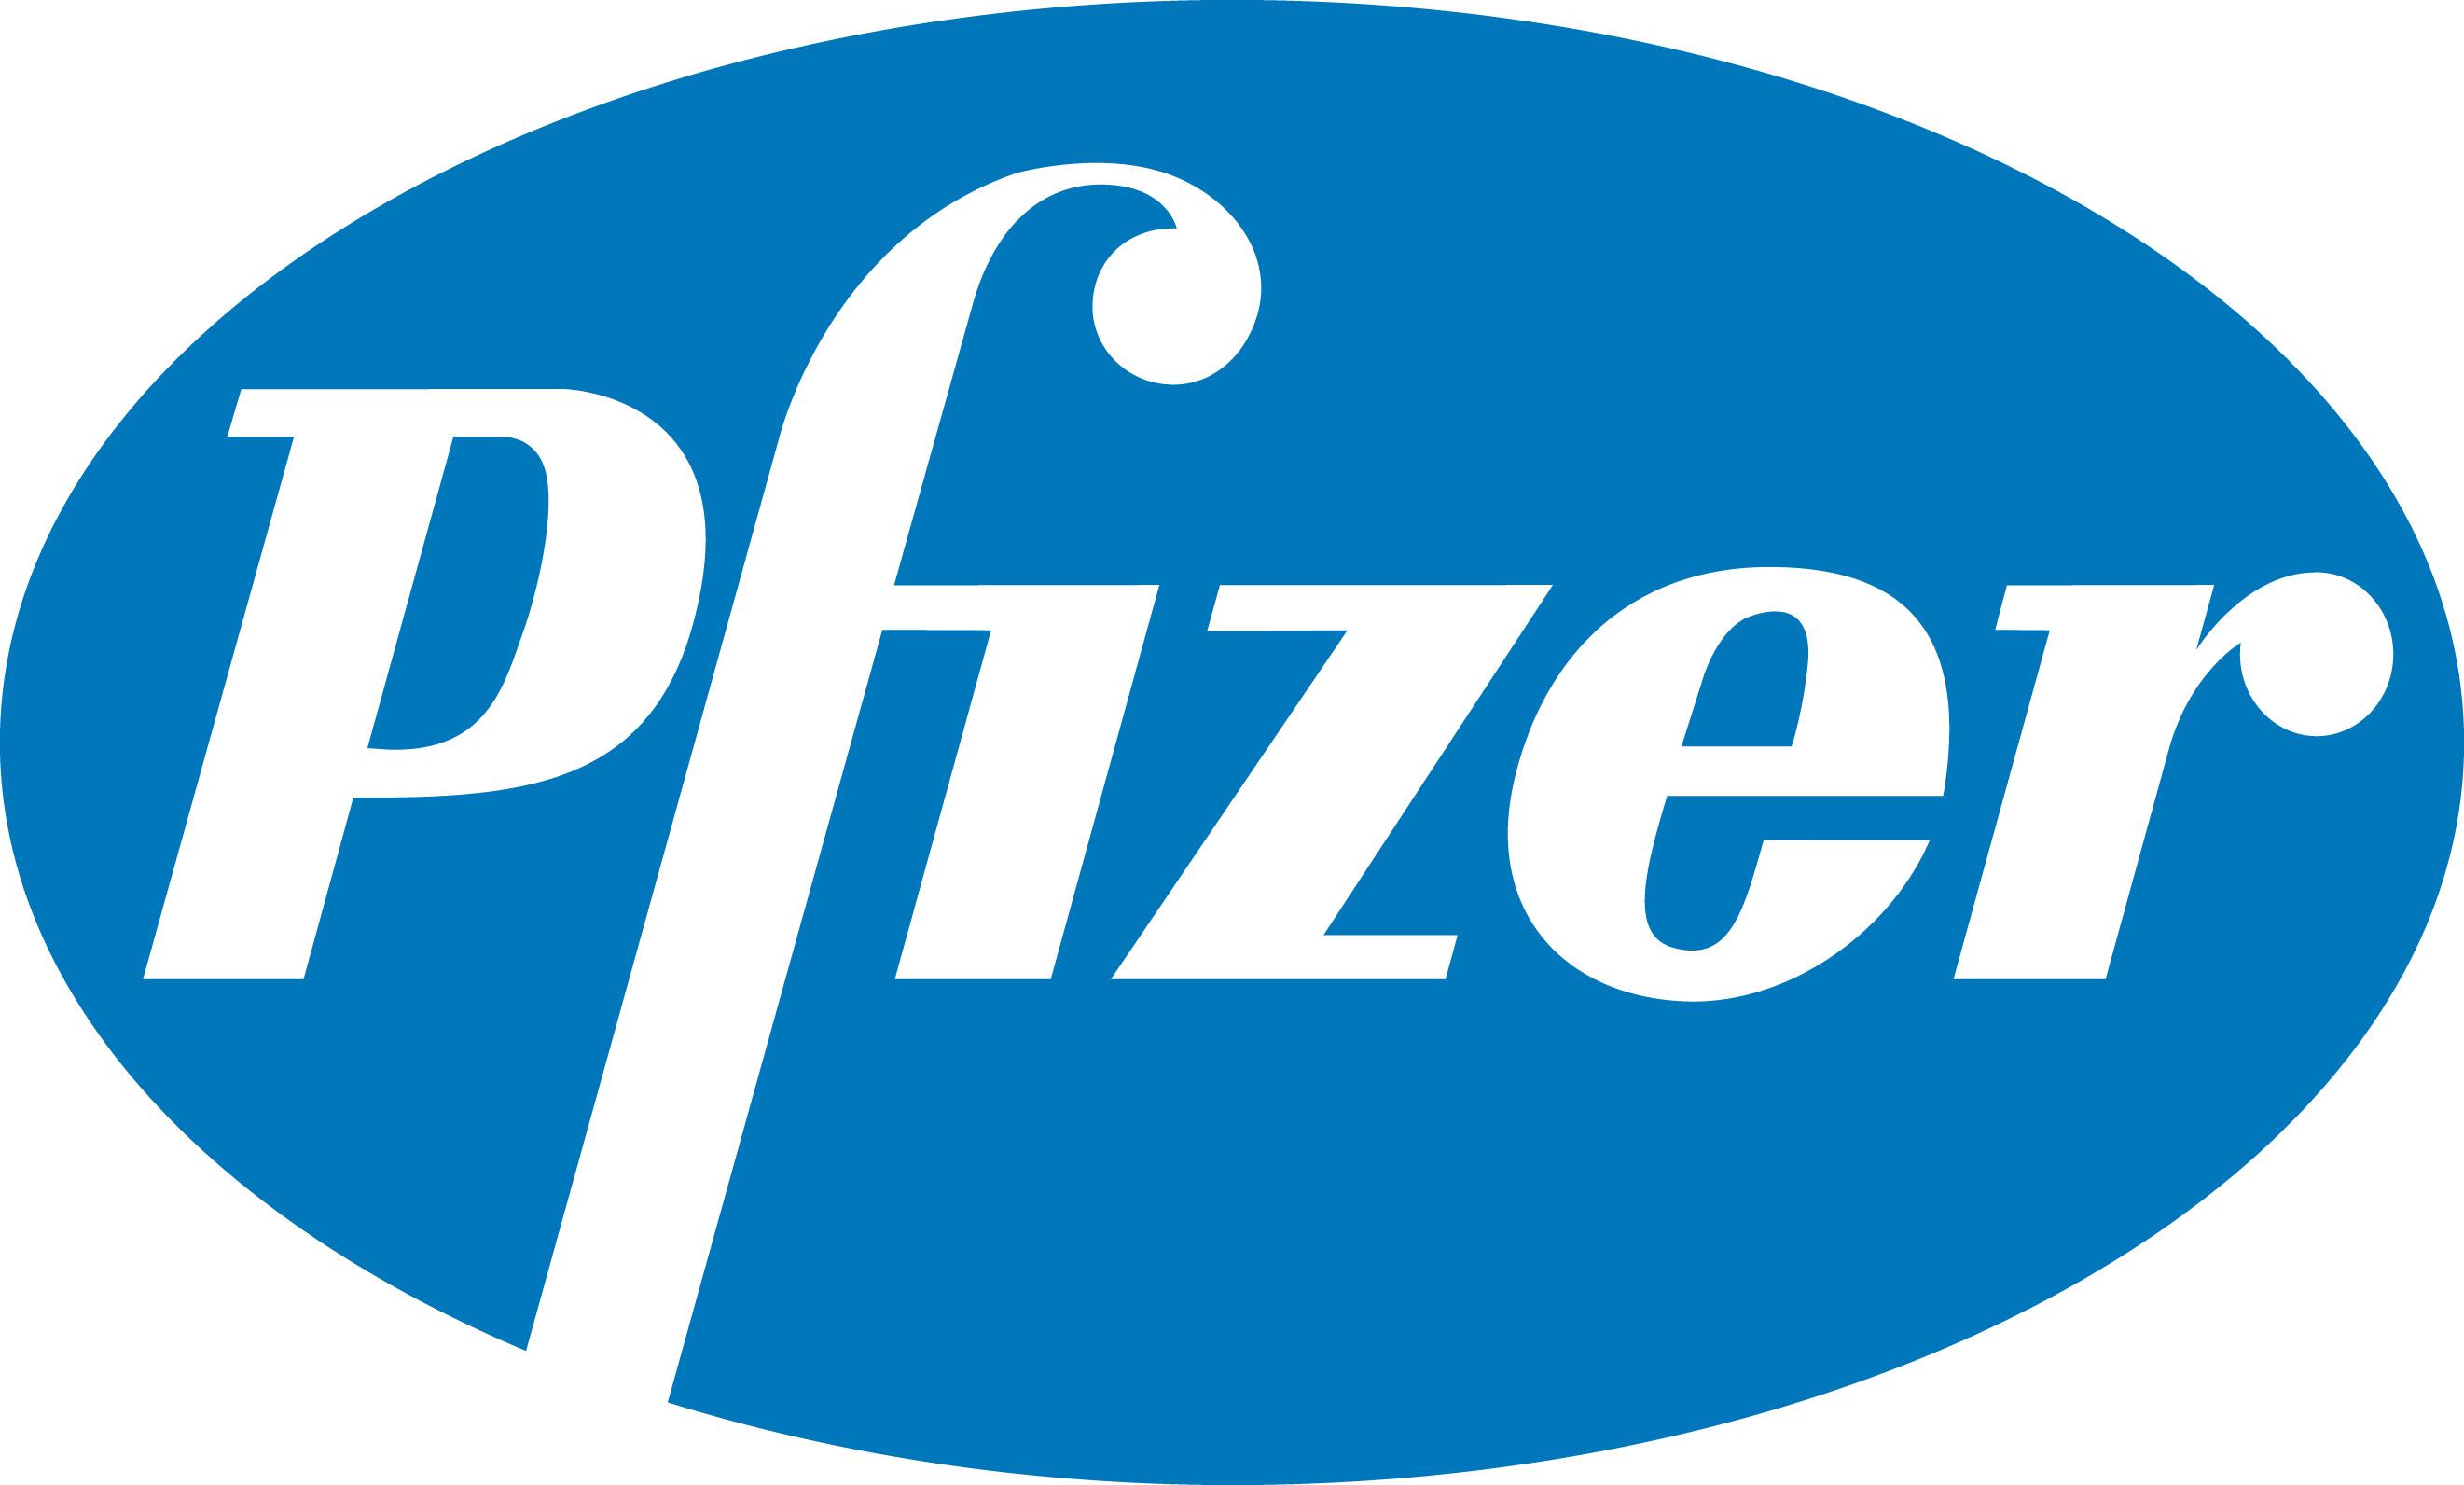 """Résultat de recherche d'images pour """"pfizer logo"""""""